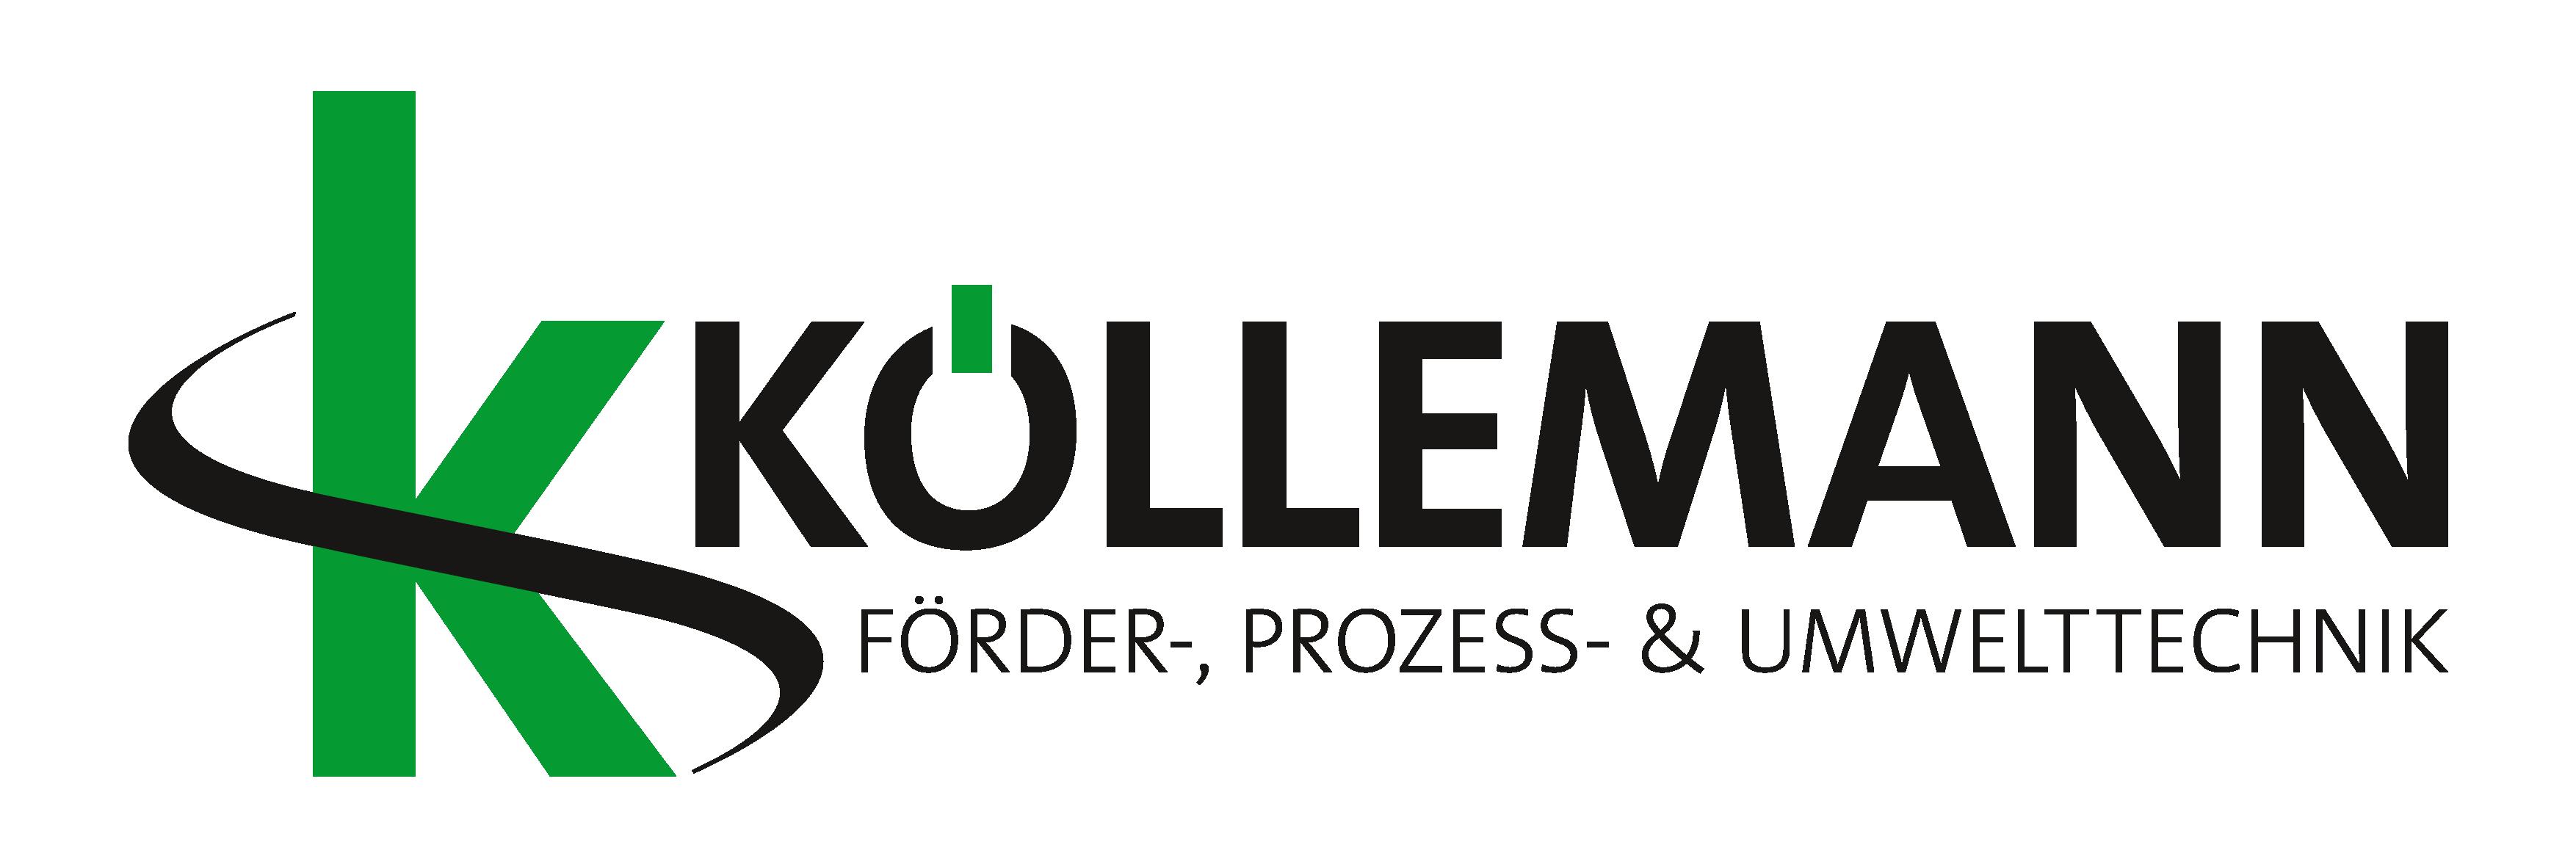 Koellemann